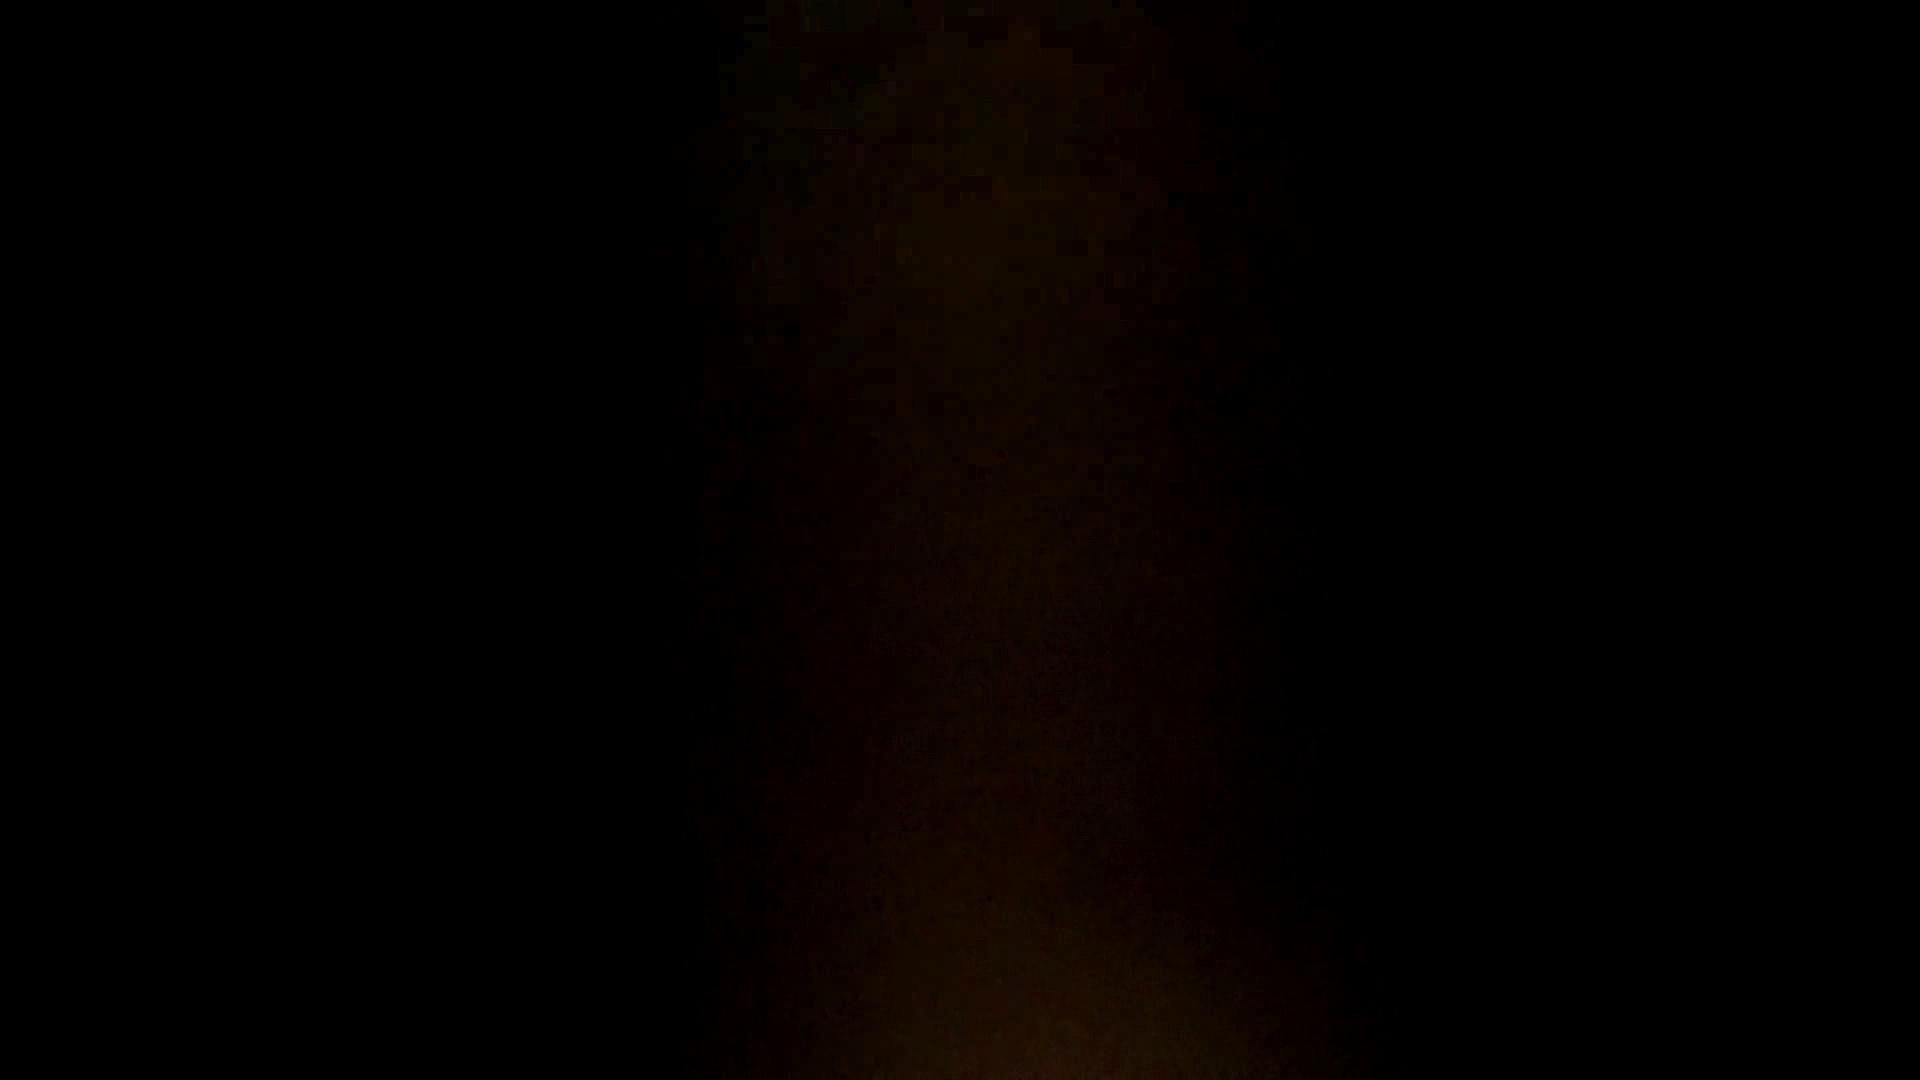 リアル盗撮 清楚なお女市さんのマル秘私生活② 高画質 セックス画像 56連発 29